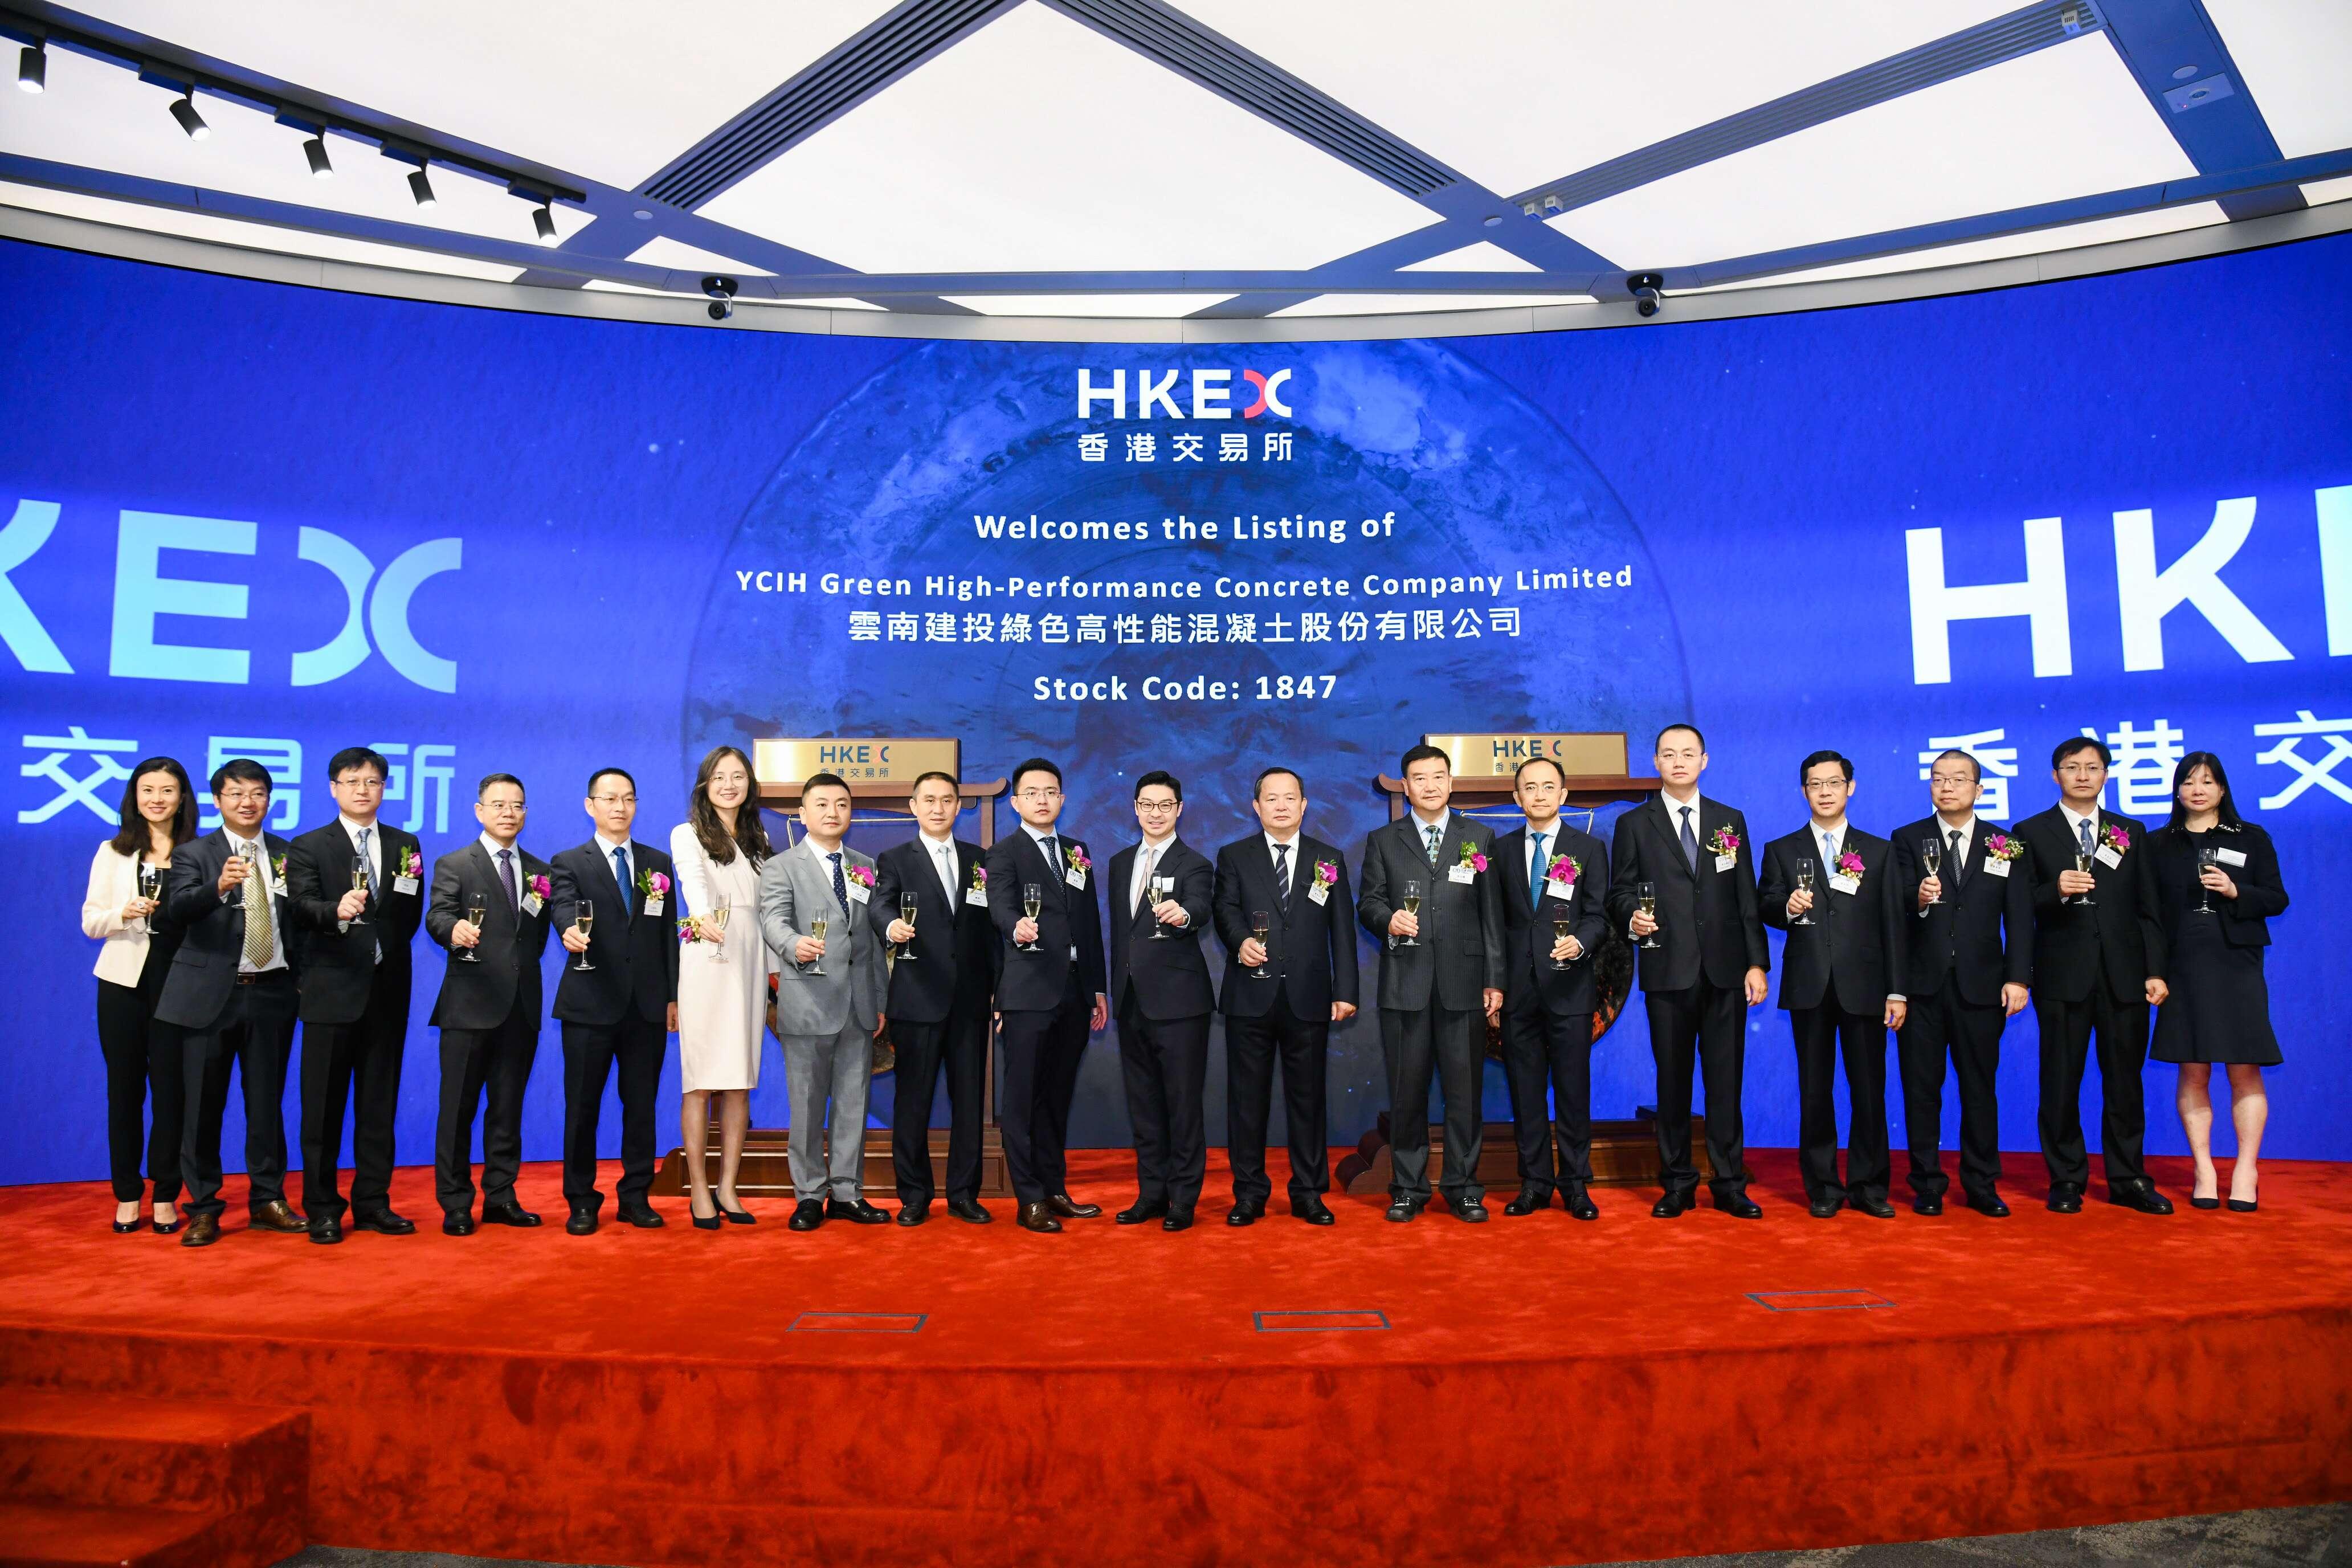 云南建投混凝土公司在香港掛牌上市